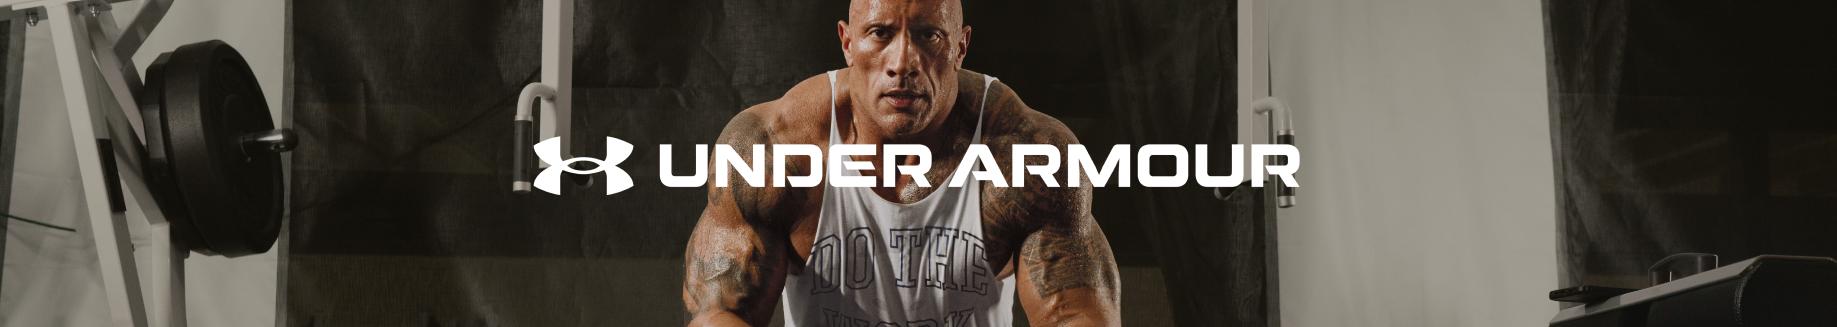 Спортивный бренд Under Armour